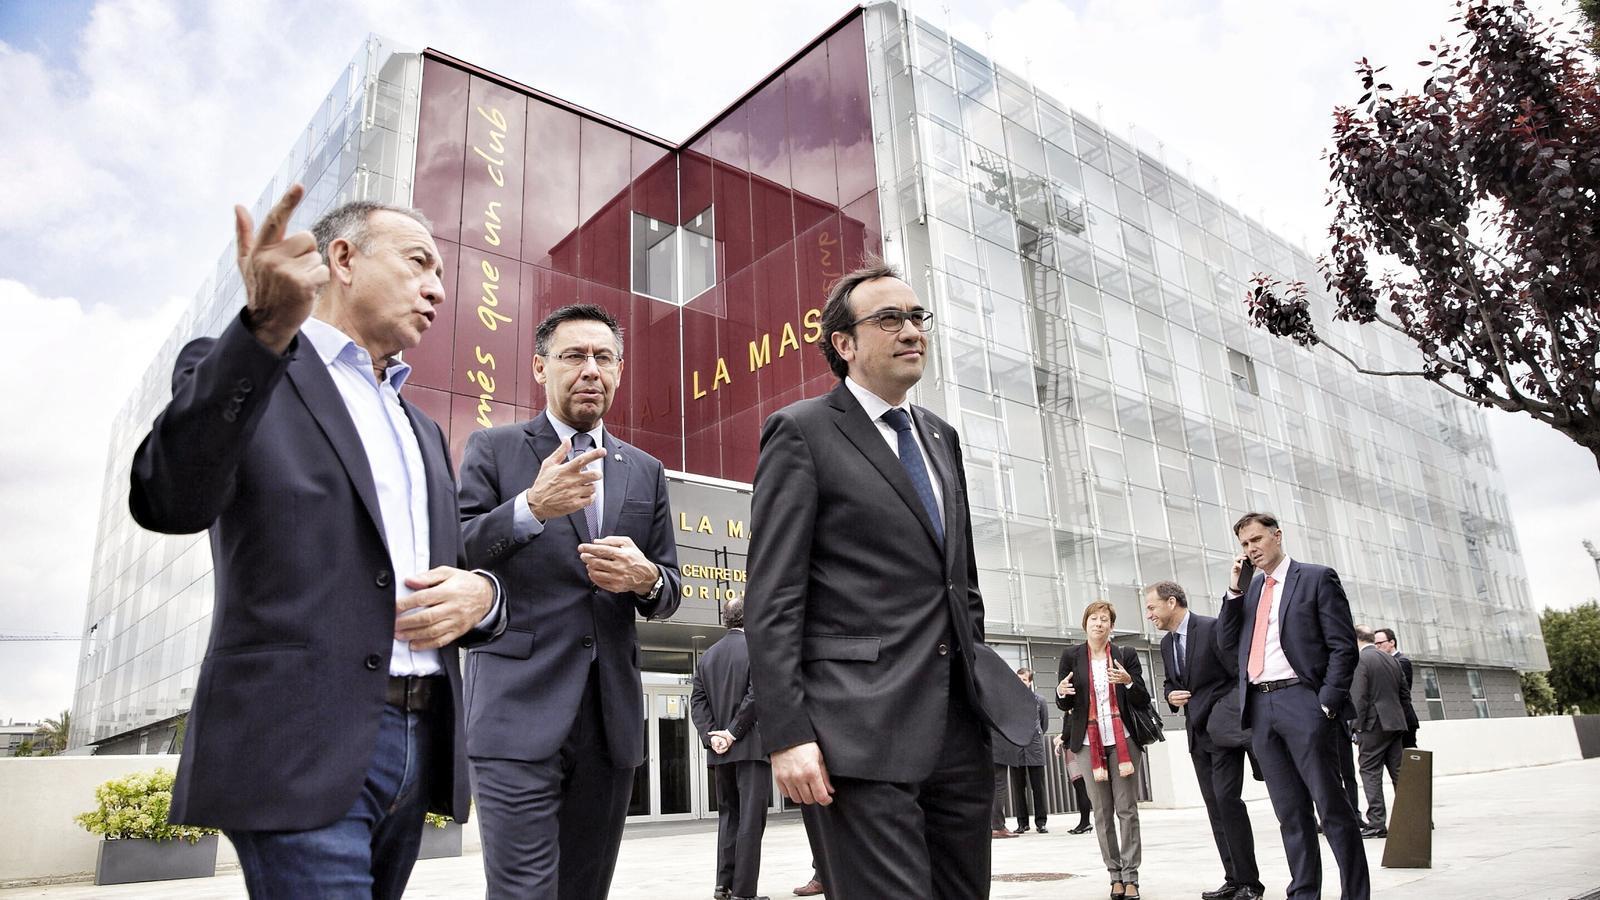 El conseller de la Generalitat de Catalunya Josep Rull; l'alcalde de Sant Joan Despí Antoni Poved i Josep Maria Bartomeu